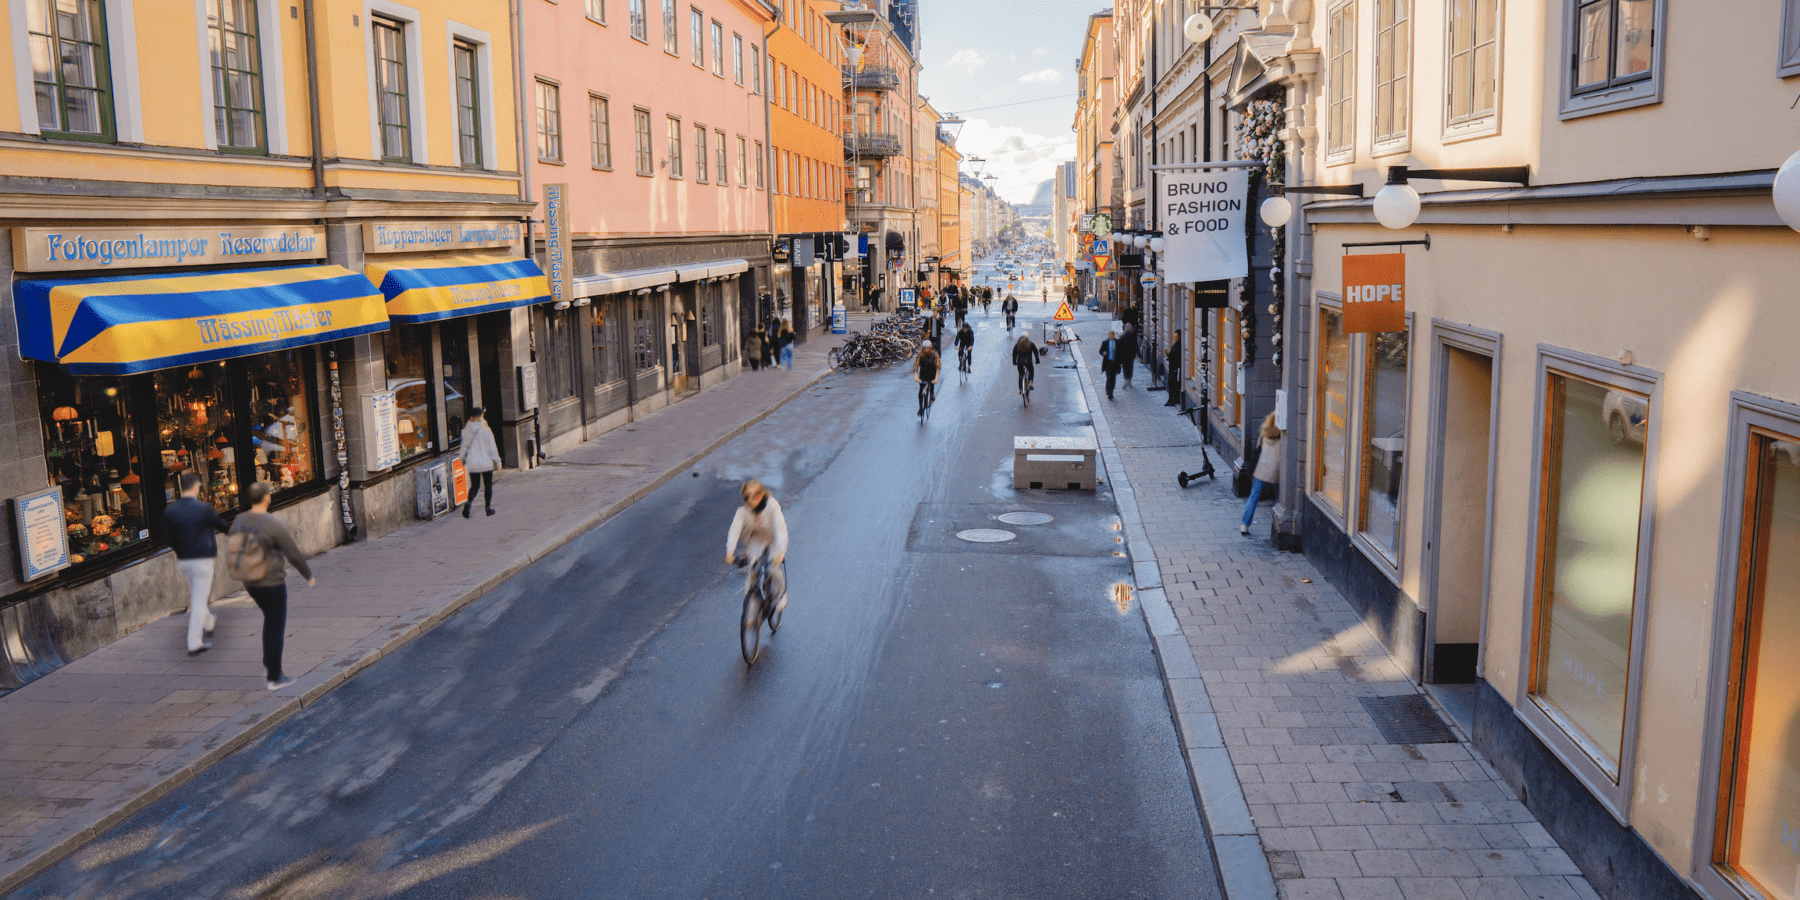 スウェーデン住民のアイデアを形にしたハイパーローカルな「1分間の都市」